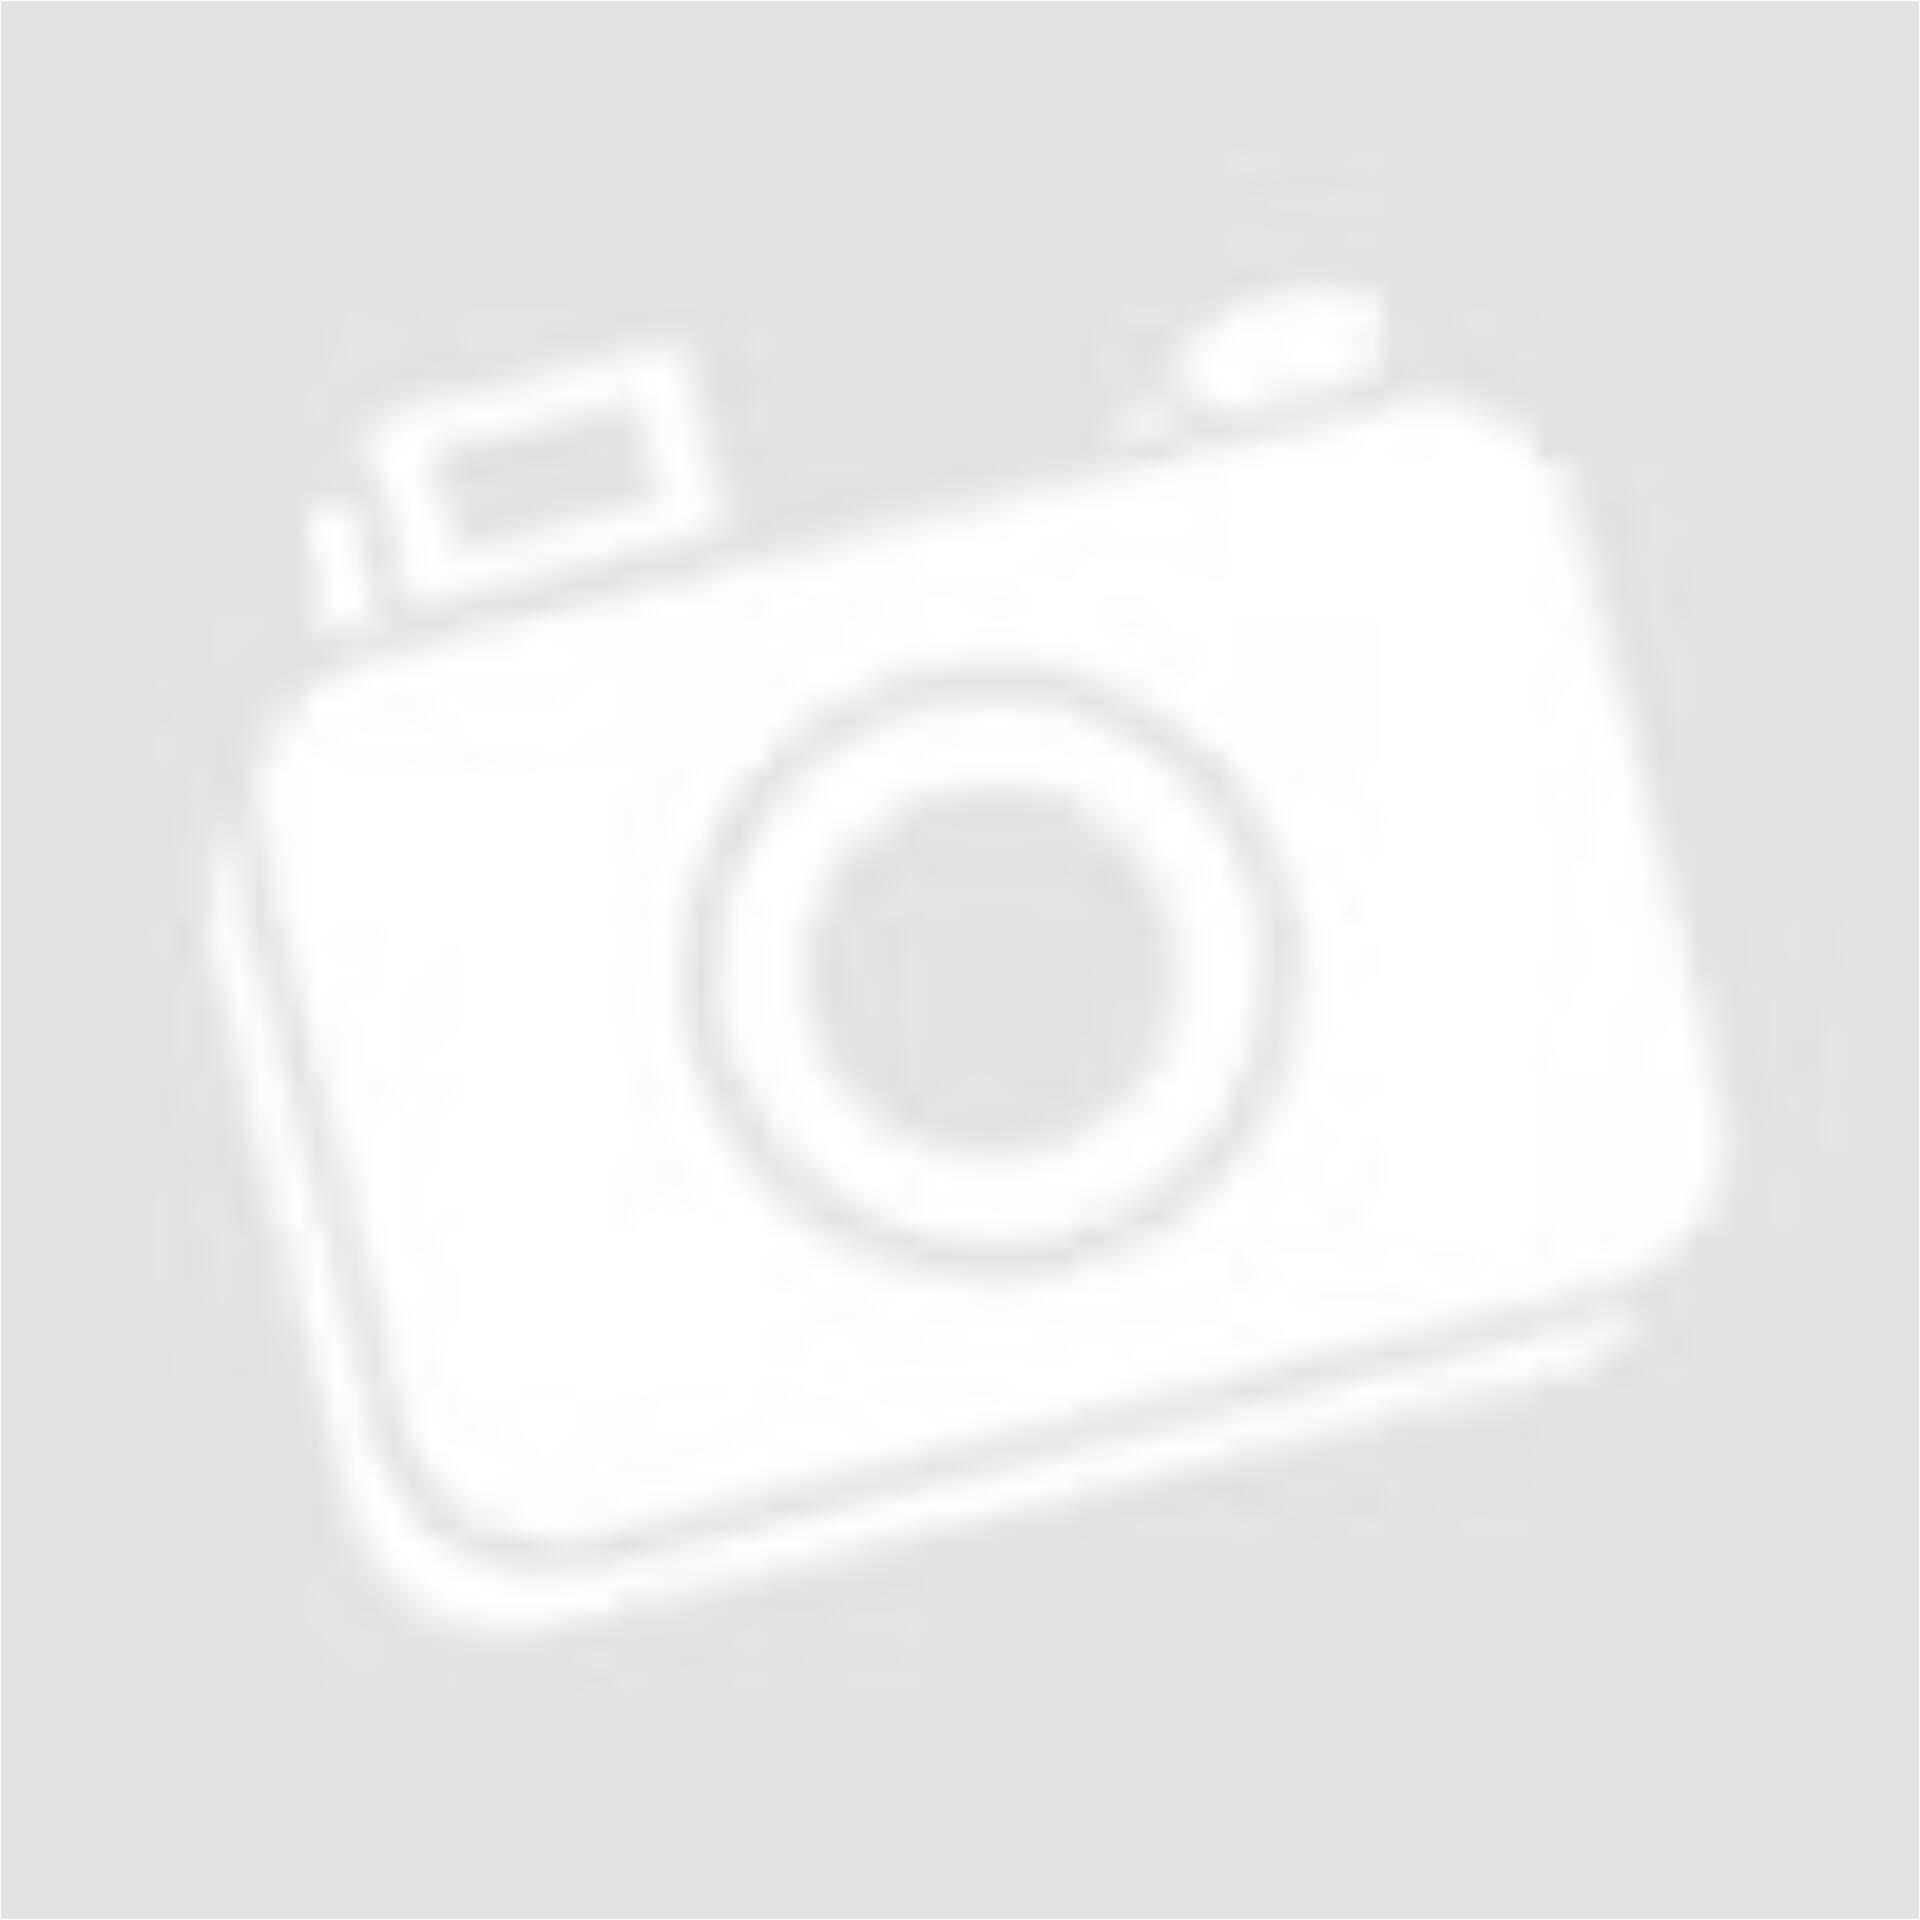 Kép 1 4 - GAP kék színű kapucnis férfi téli kabát (Méret  M) fbaa62049d